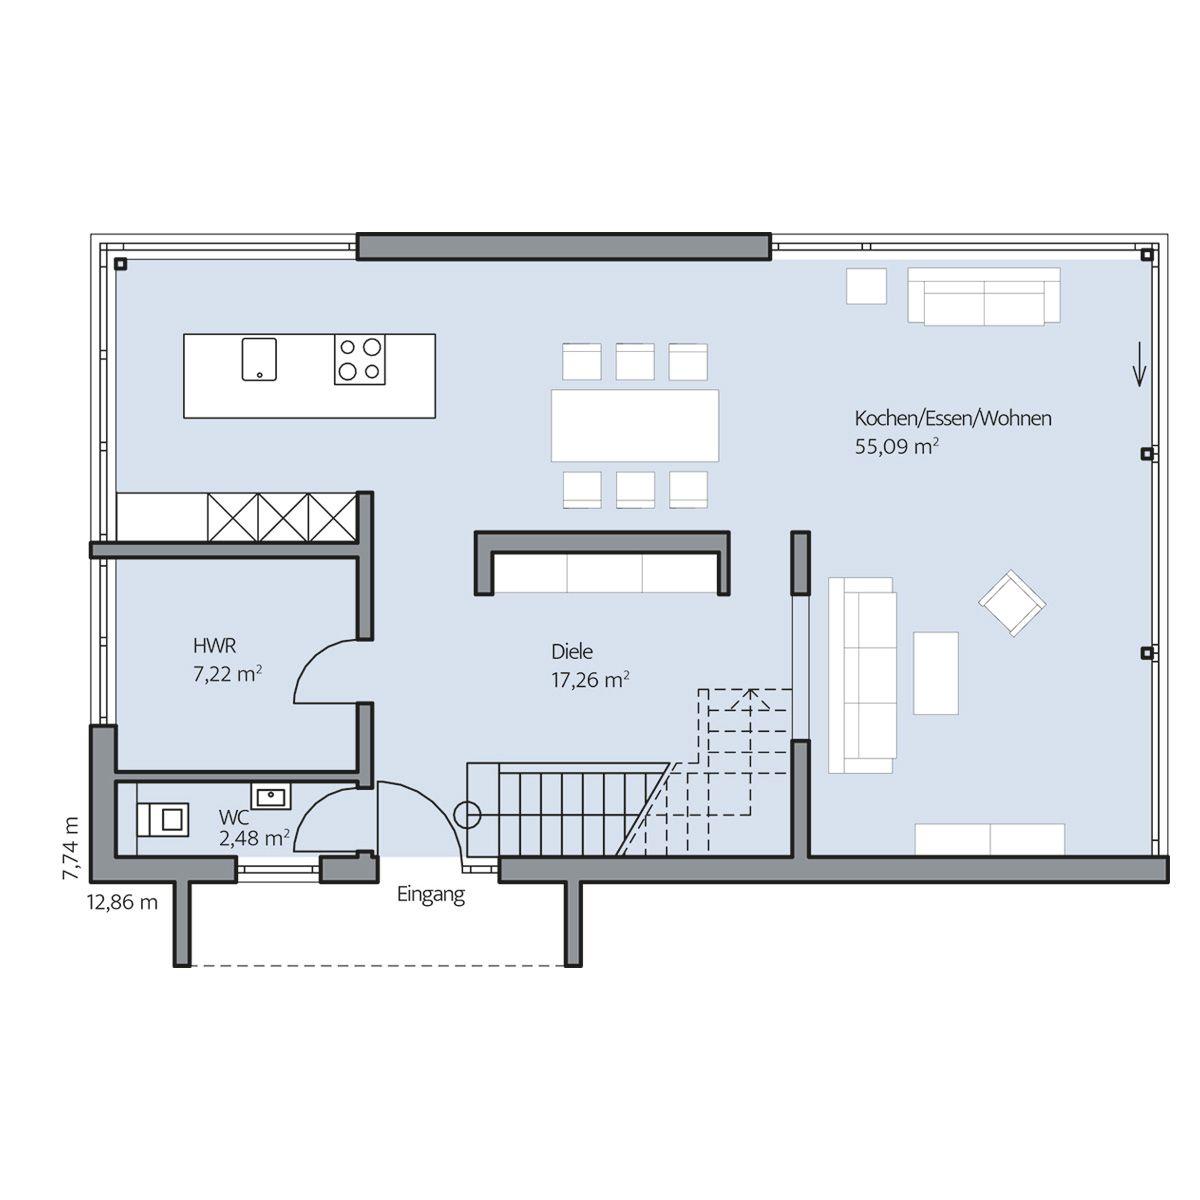 Haus immel erdgeschoss